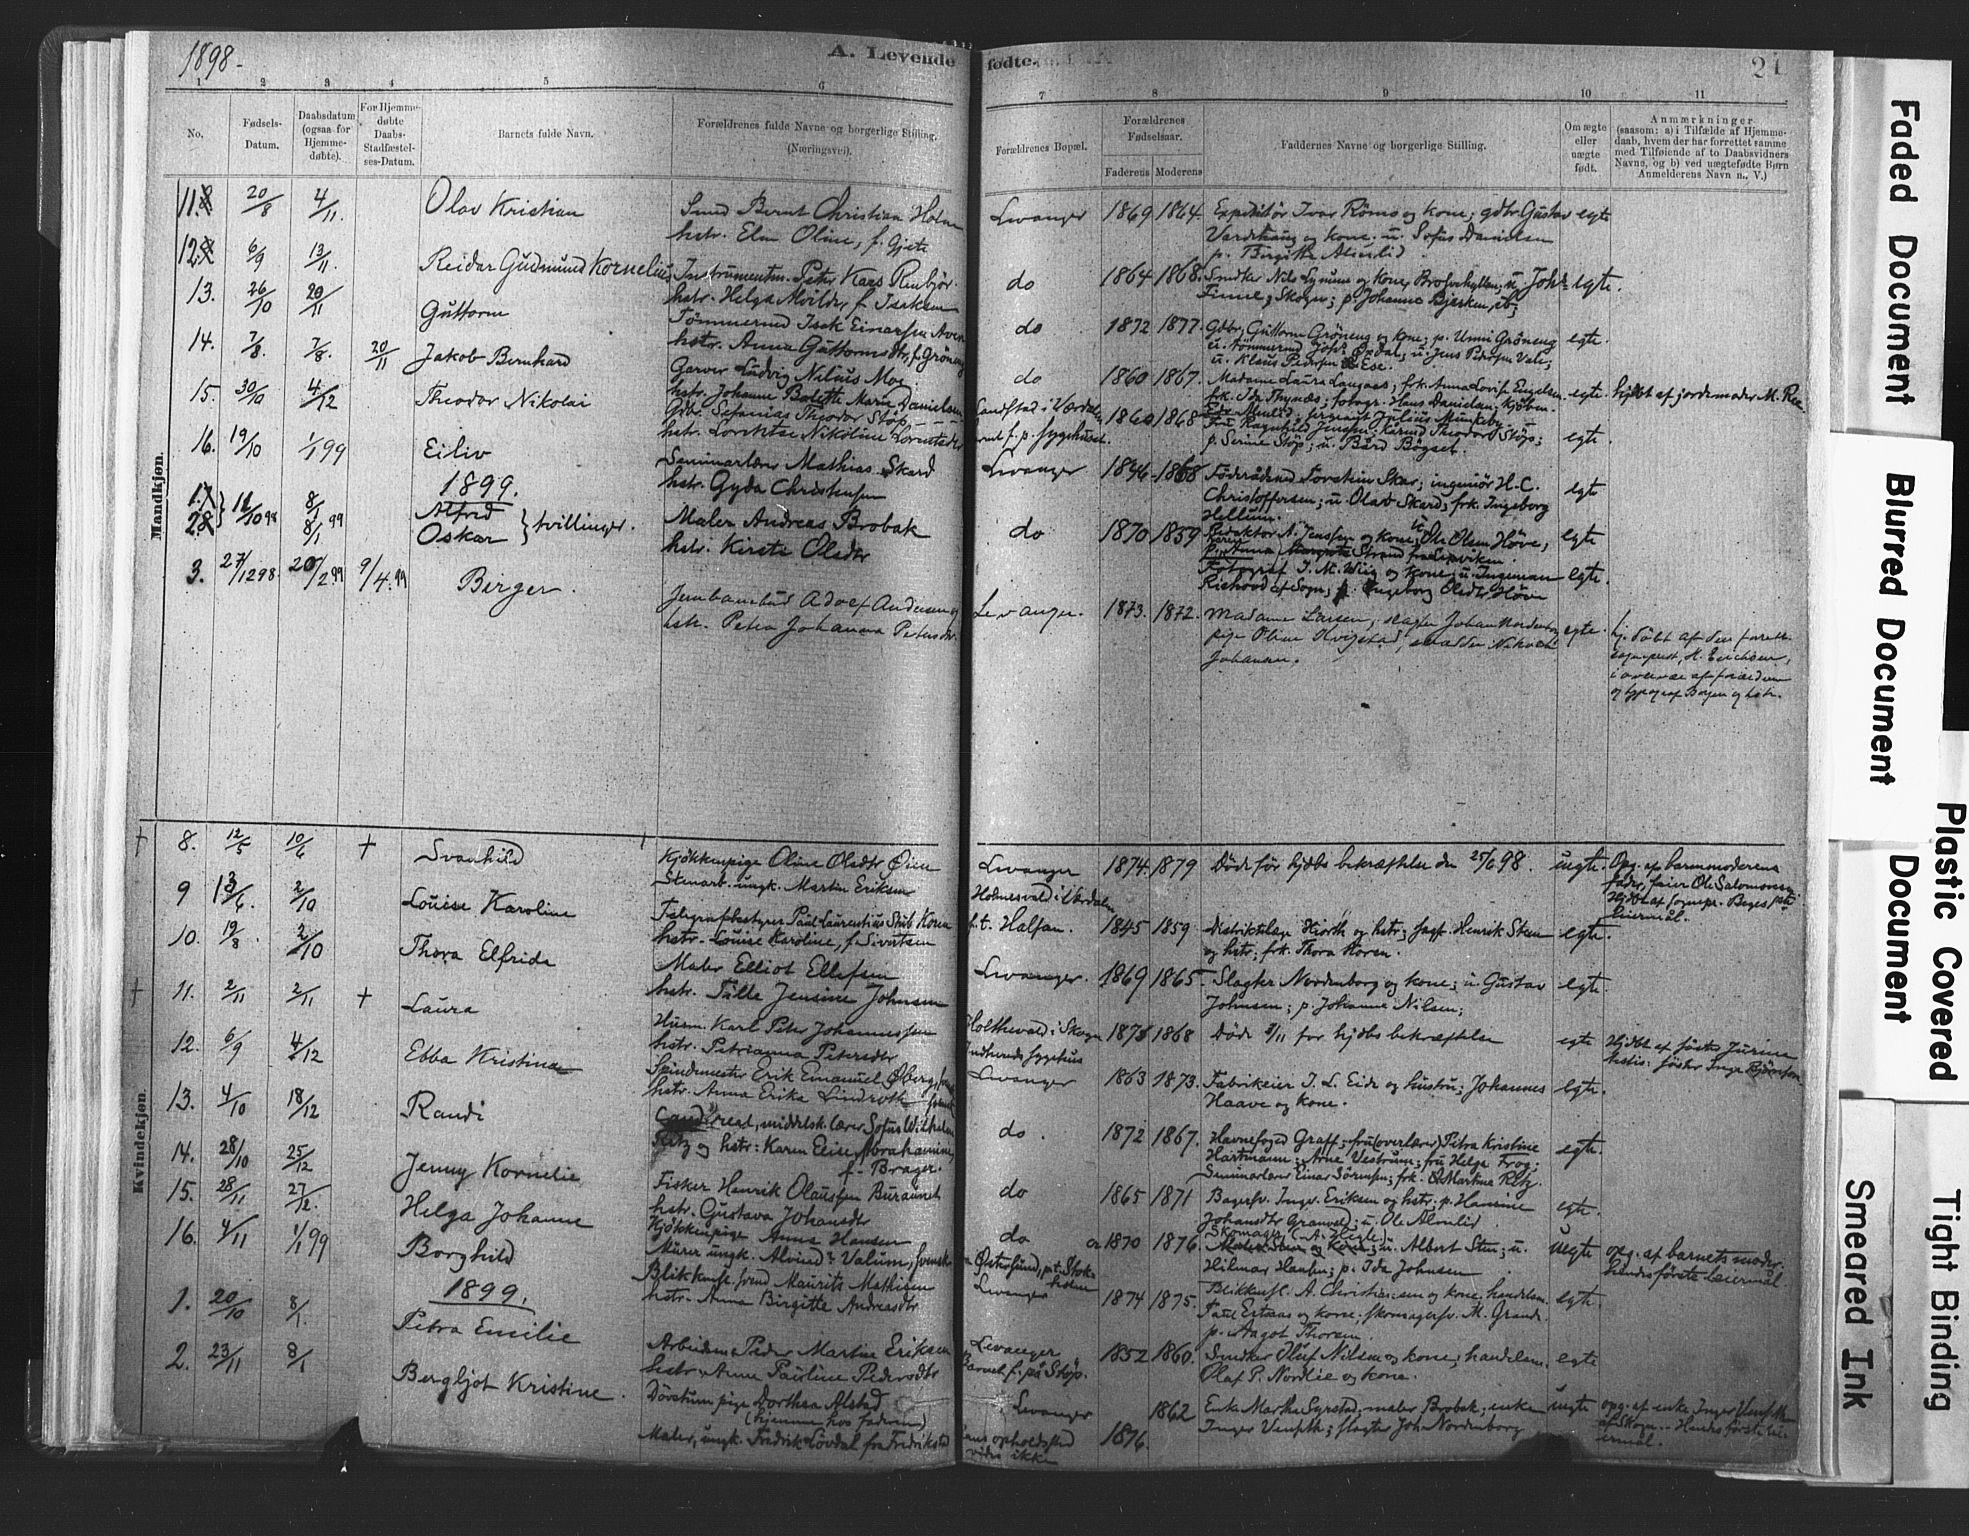 SAT, Ministerialprotokoller, klokkerbøker og fødselsregistre - Nord-Trøndelag, 720/L0189: Ministerialbok nr. 720A05, 1880-1911, s. 24